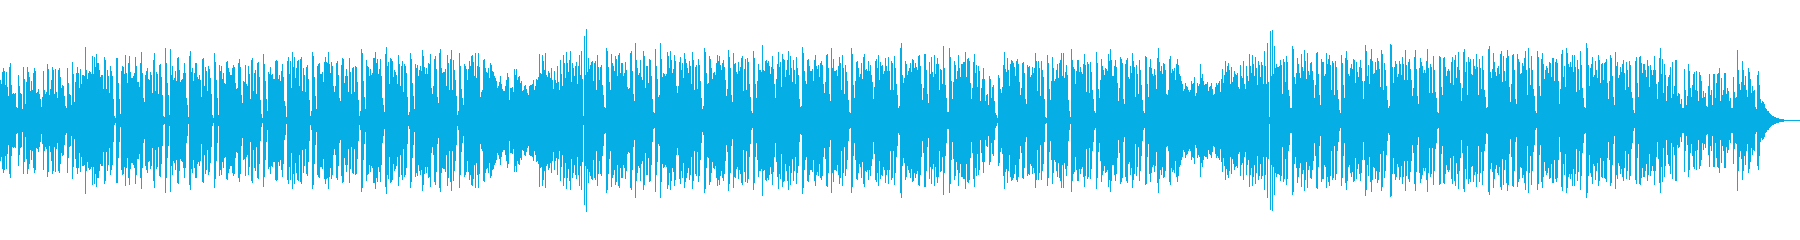 スタイリッシュ・都会・EDMファンクの再生済みの波形